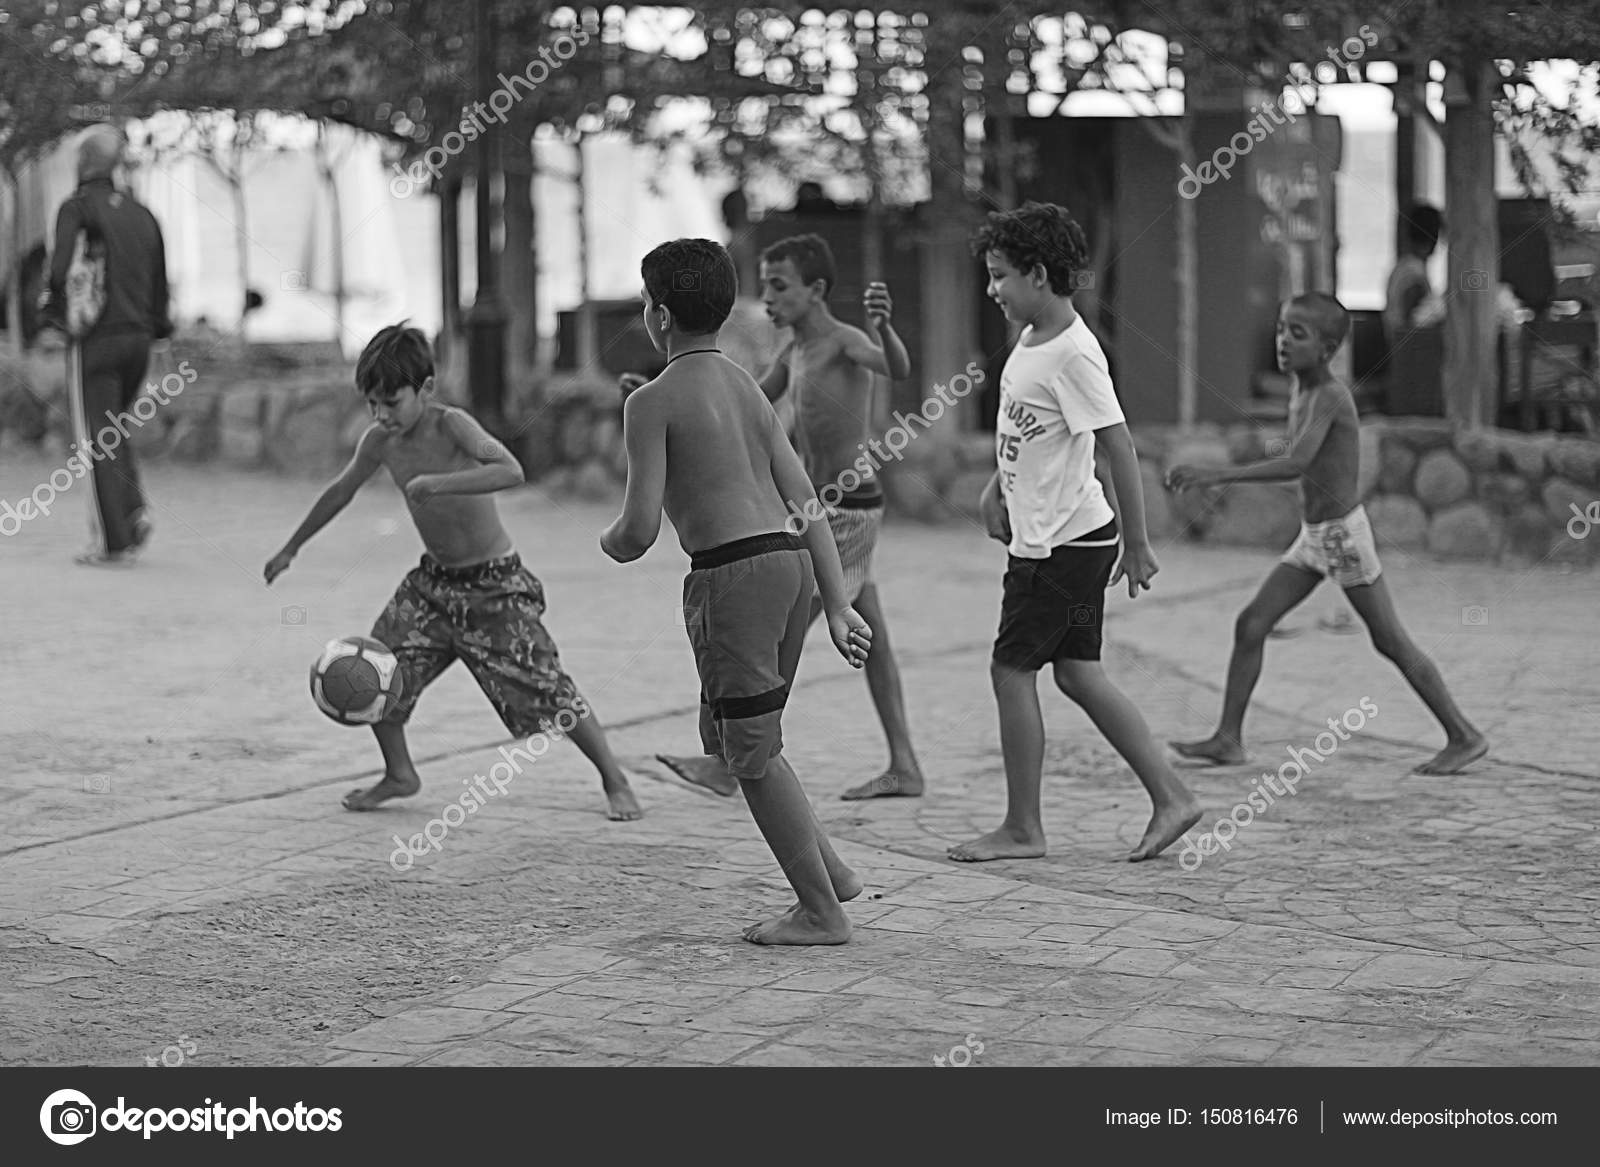 Bambini Che Giocano A Calcio Foto Editoriale Stock Xload 150816476